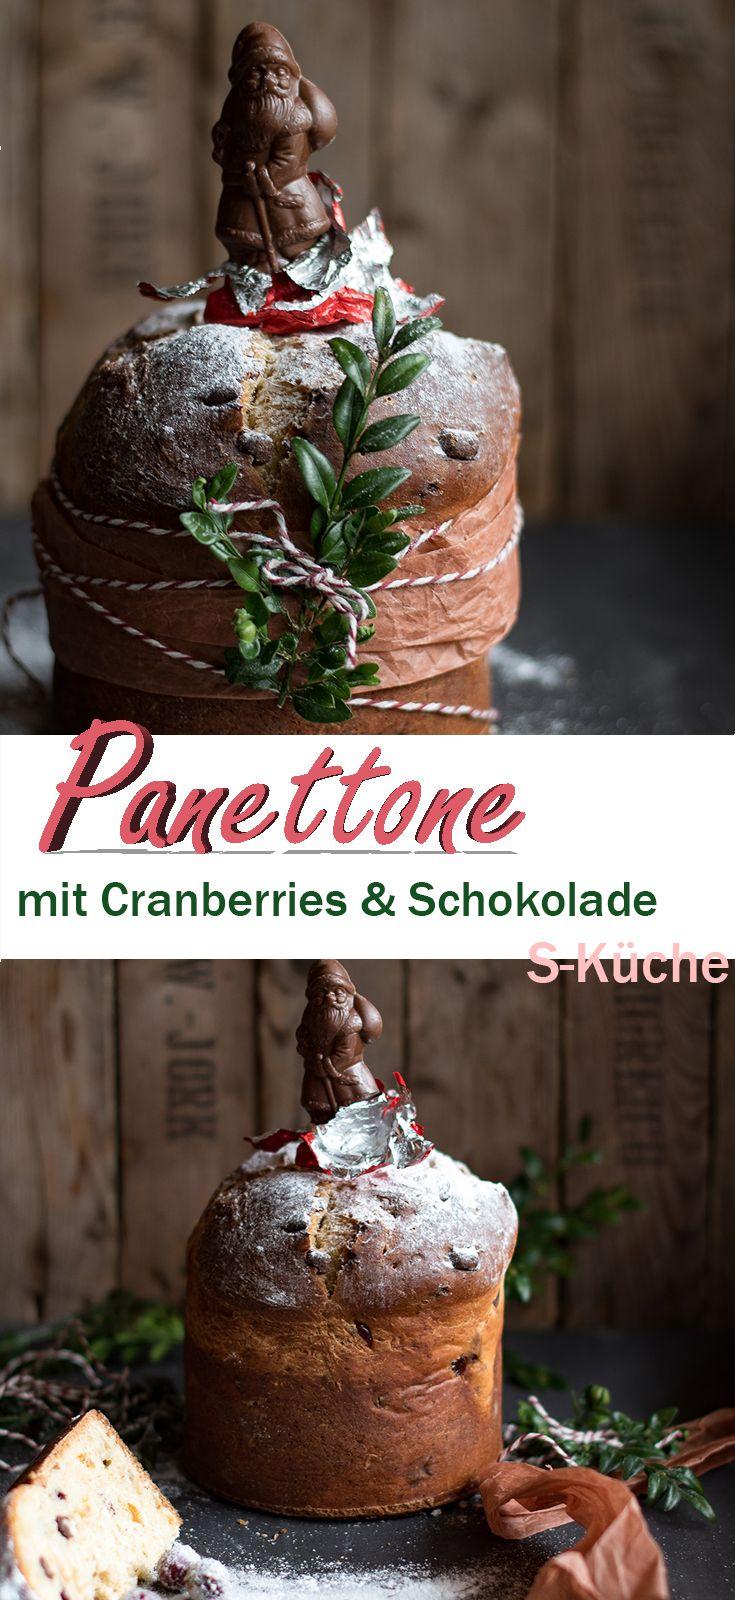 Italienischer Panettone Mit Cranberries Und Schokolade Hefeteig